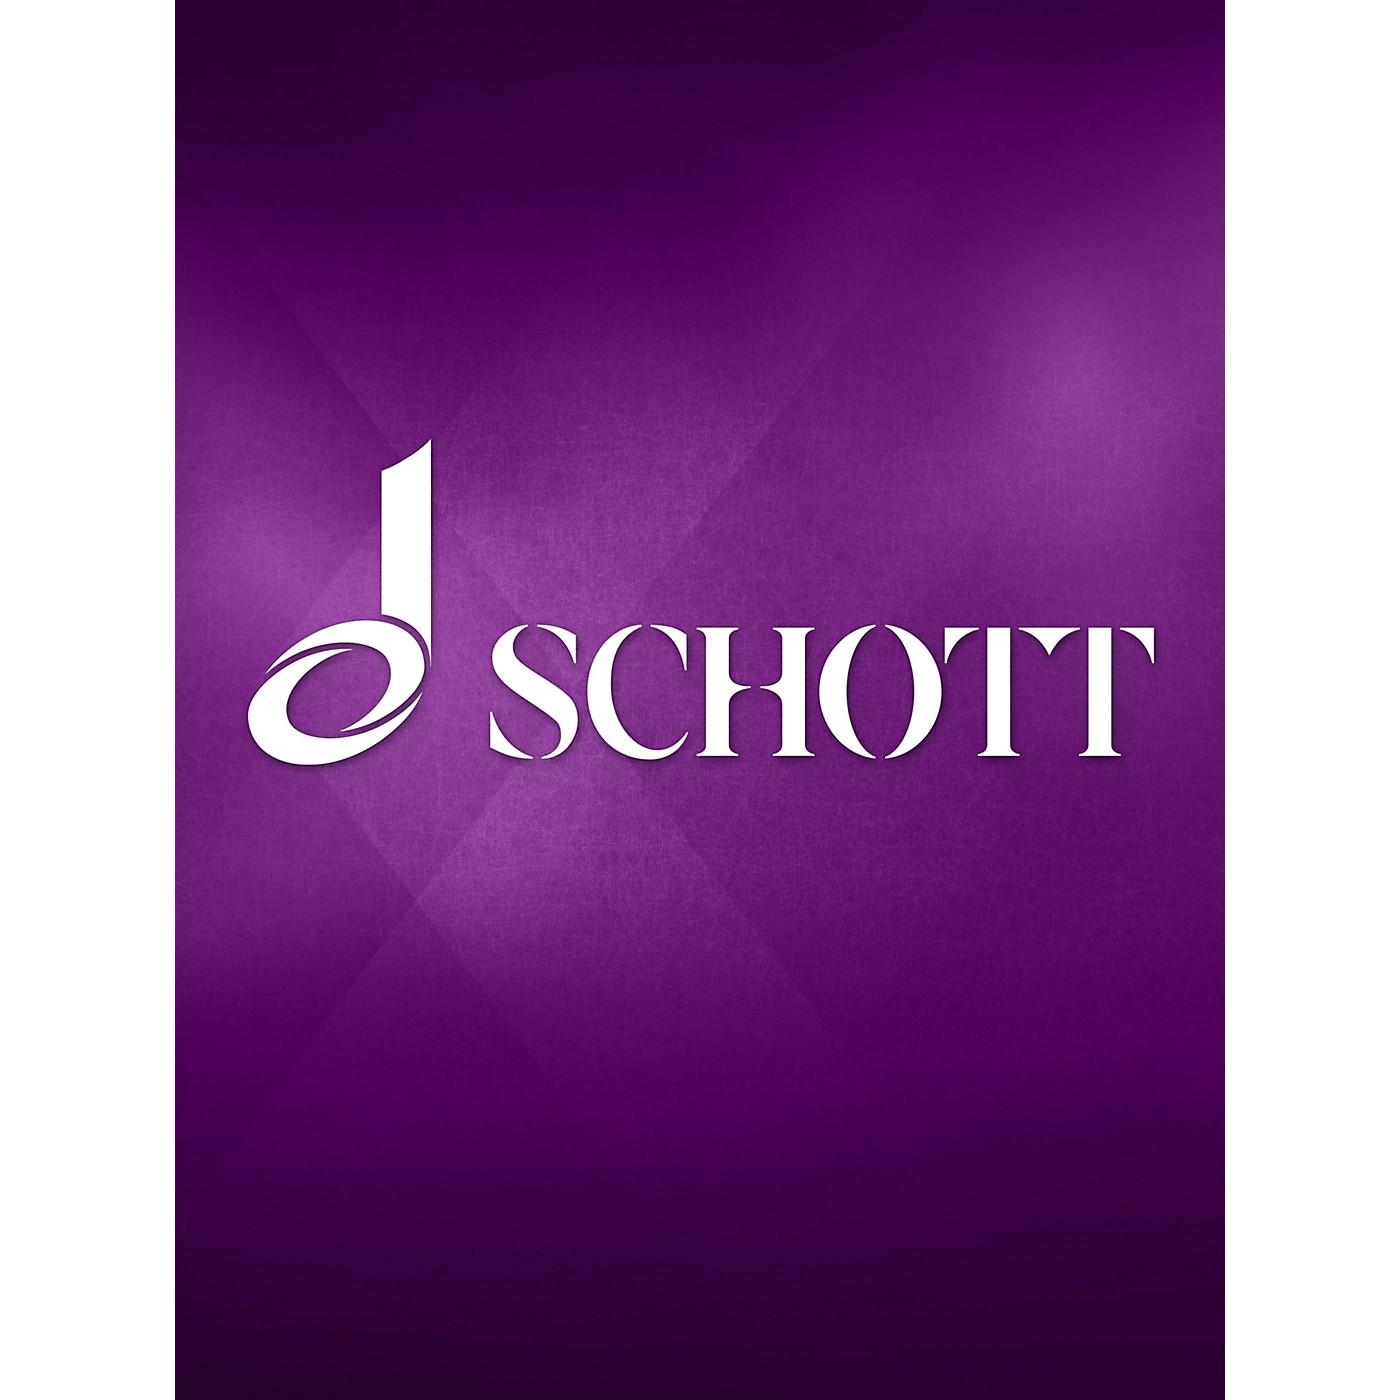 Schott Ein Jäger aus Kurpfalz Op 45, No 3 (Oboe/Clarinet Part) Schott Series by Paul Hindemith thumbnail